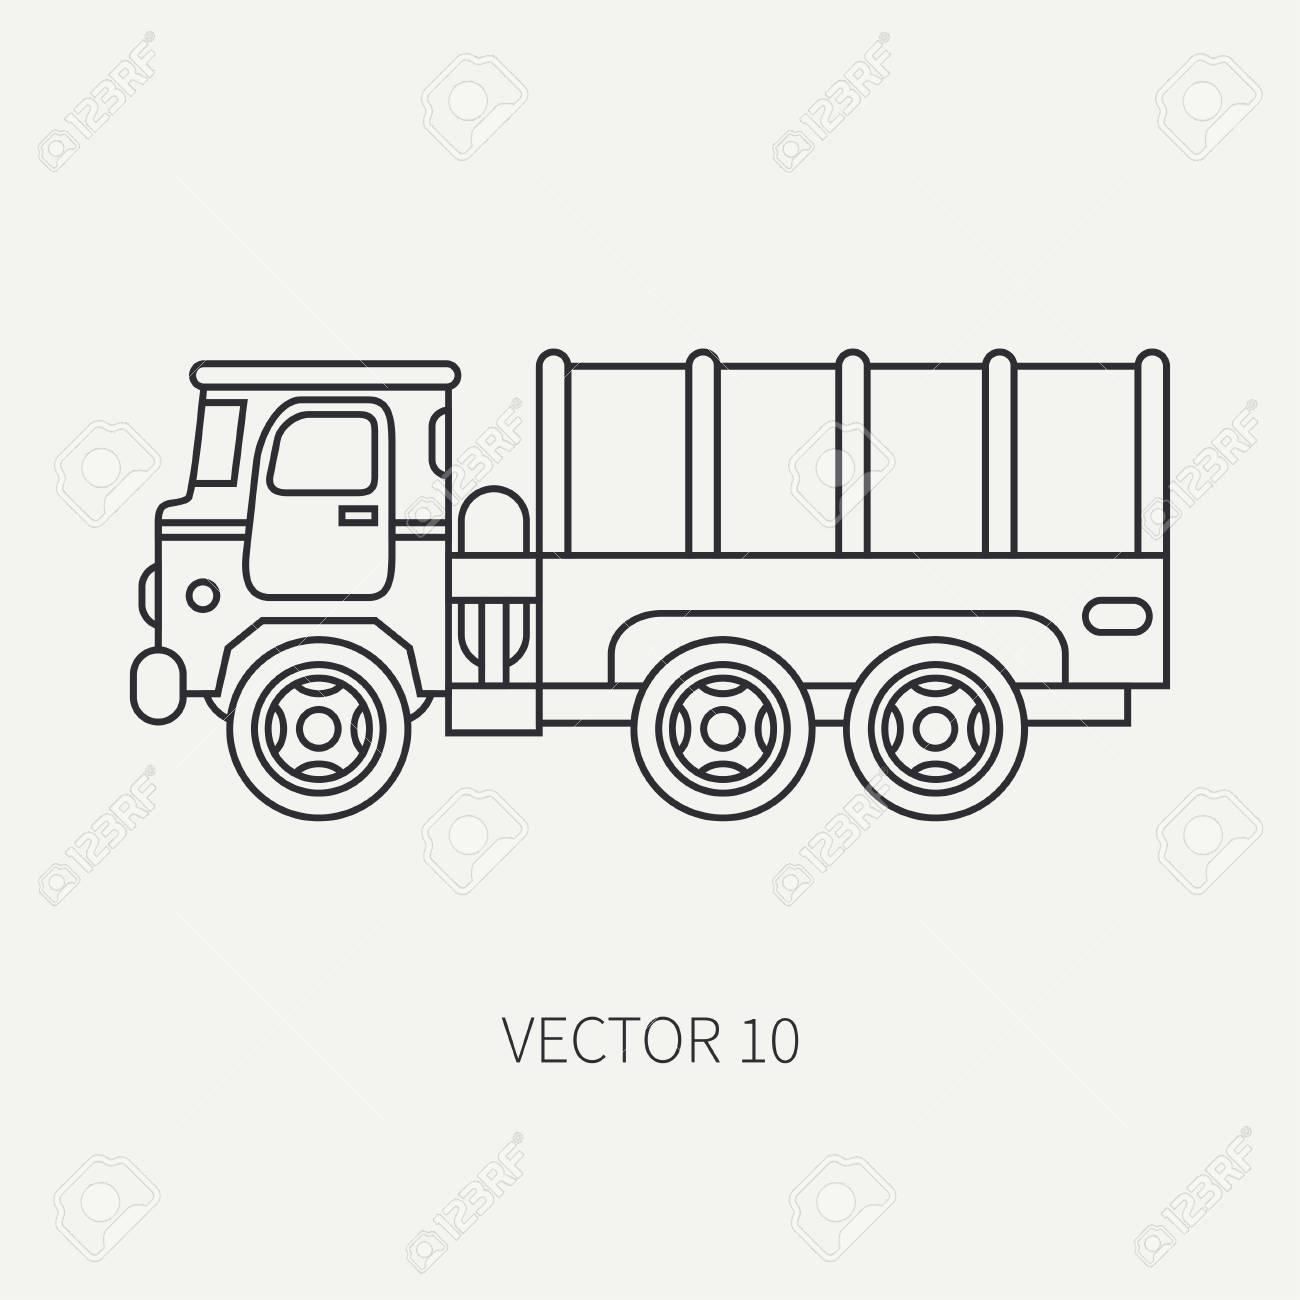 Ligne Plate Plaine Vecteur Icône Bâche Wagon Armée Camion. Véhicule  Militaire Style Vintage De Dessin Animé Transport De Fret Et De Soldats. pour Dessin D Un Camion